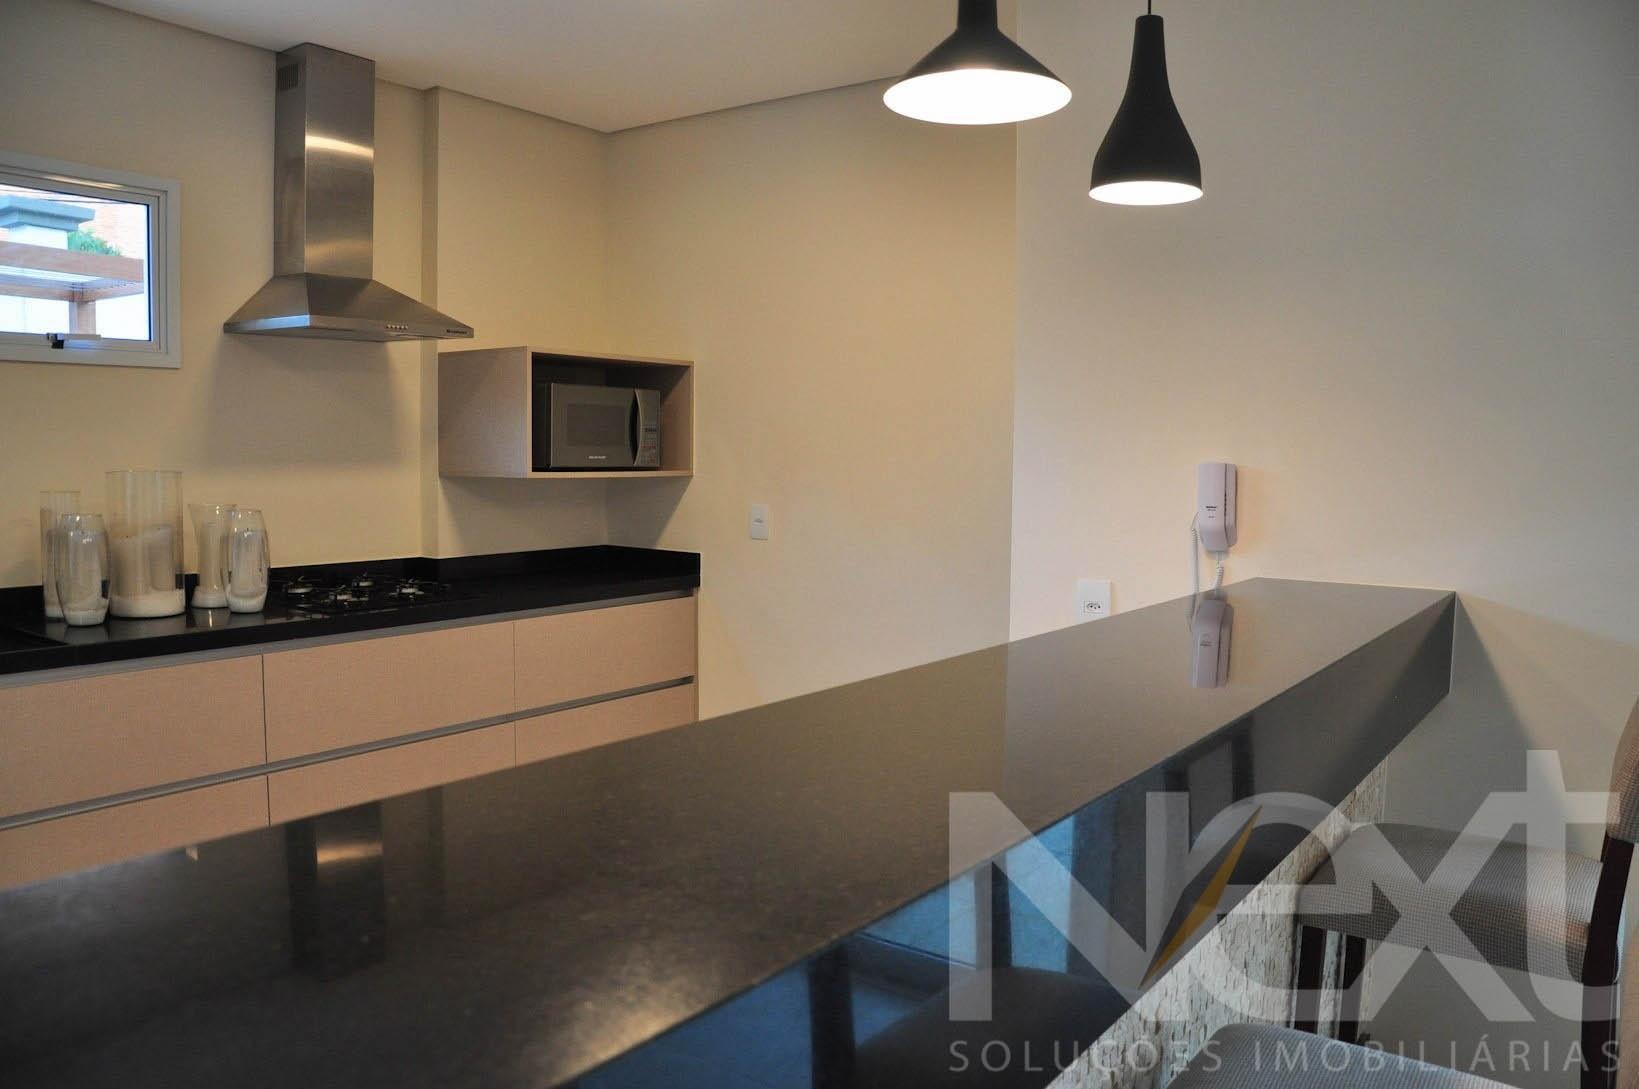 Apartamento de 3 dormitórios em Mansoes Santo Antonio, Campinas - SP